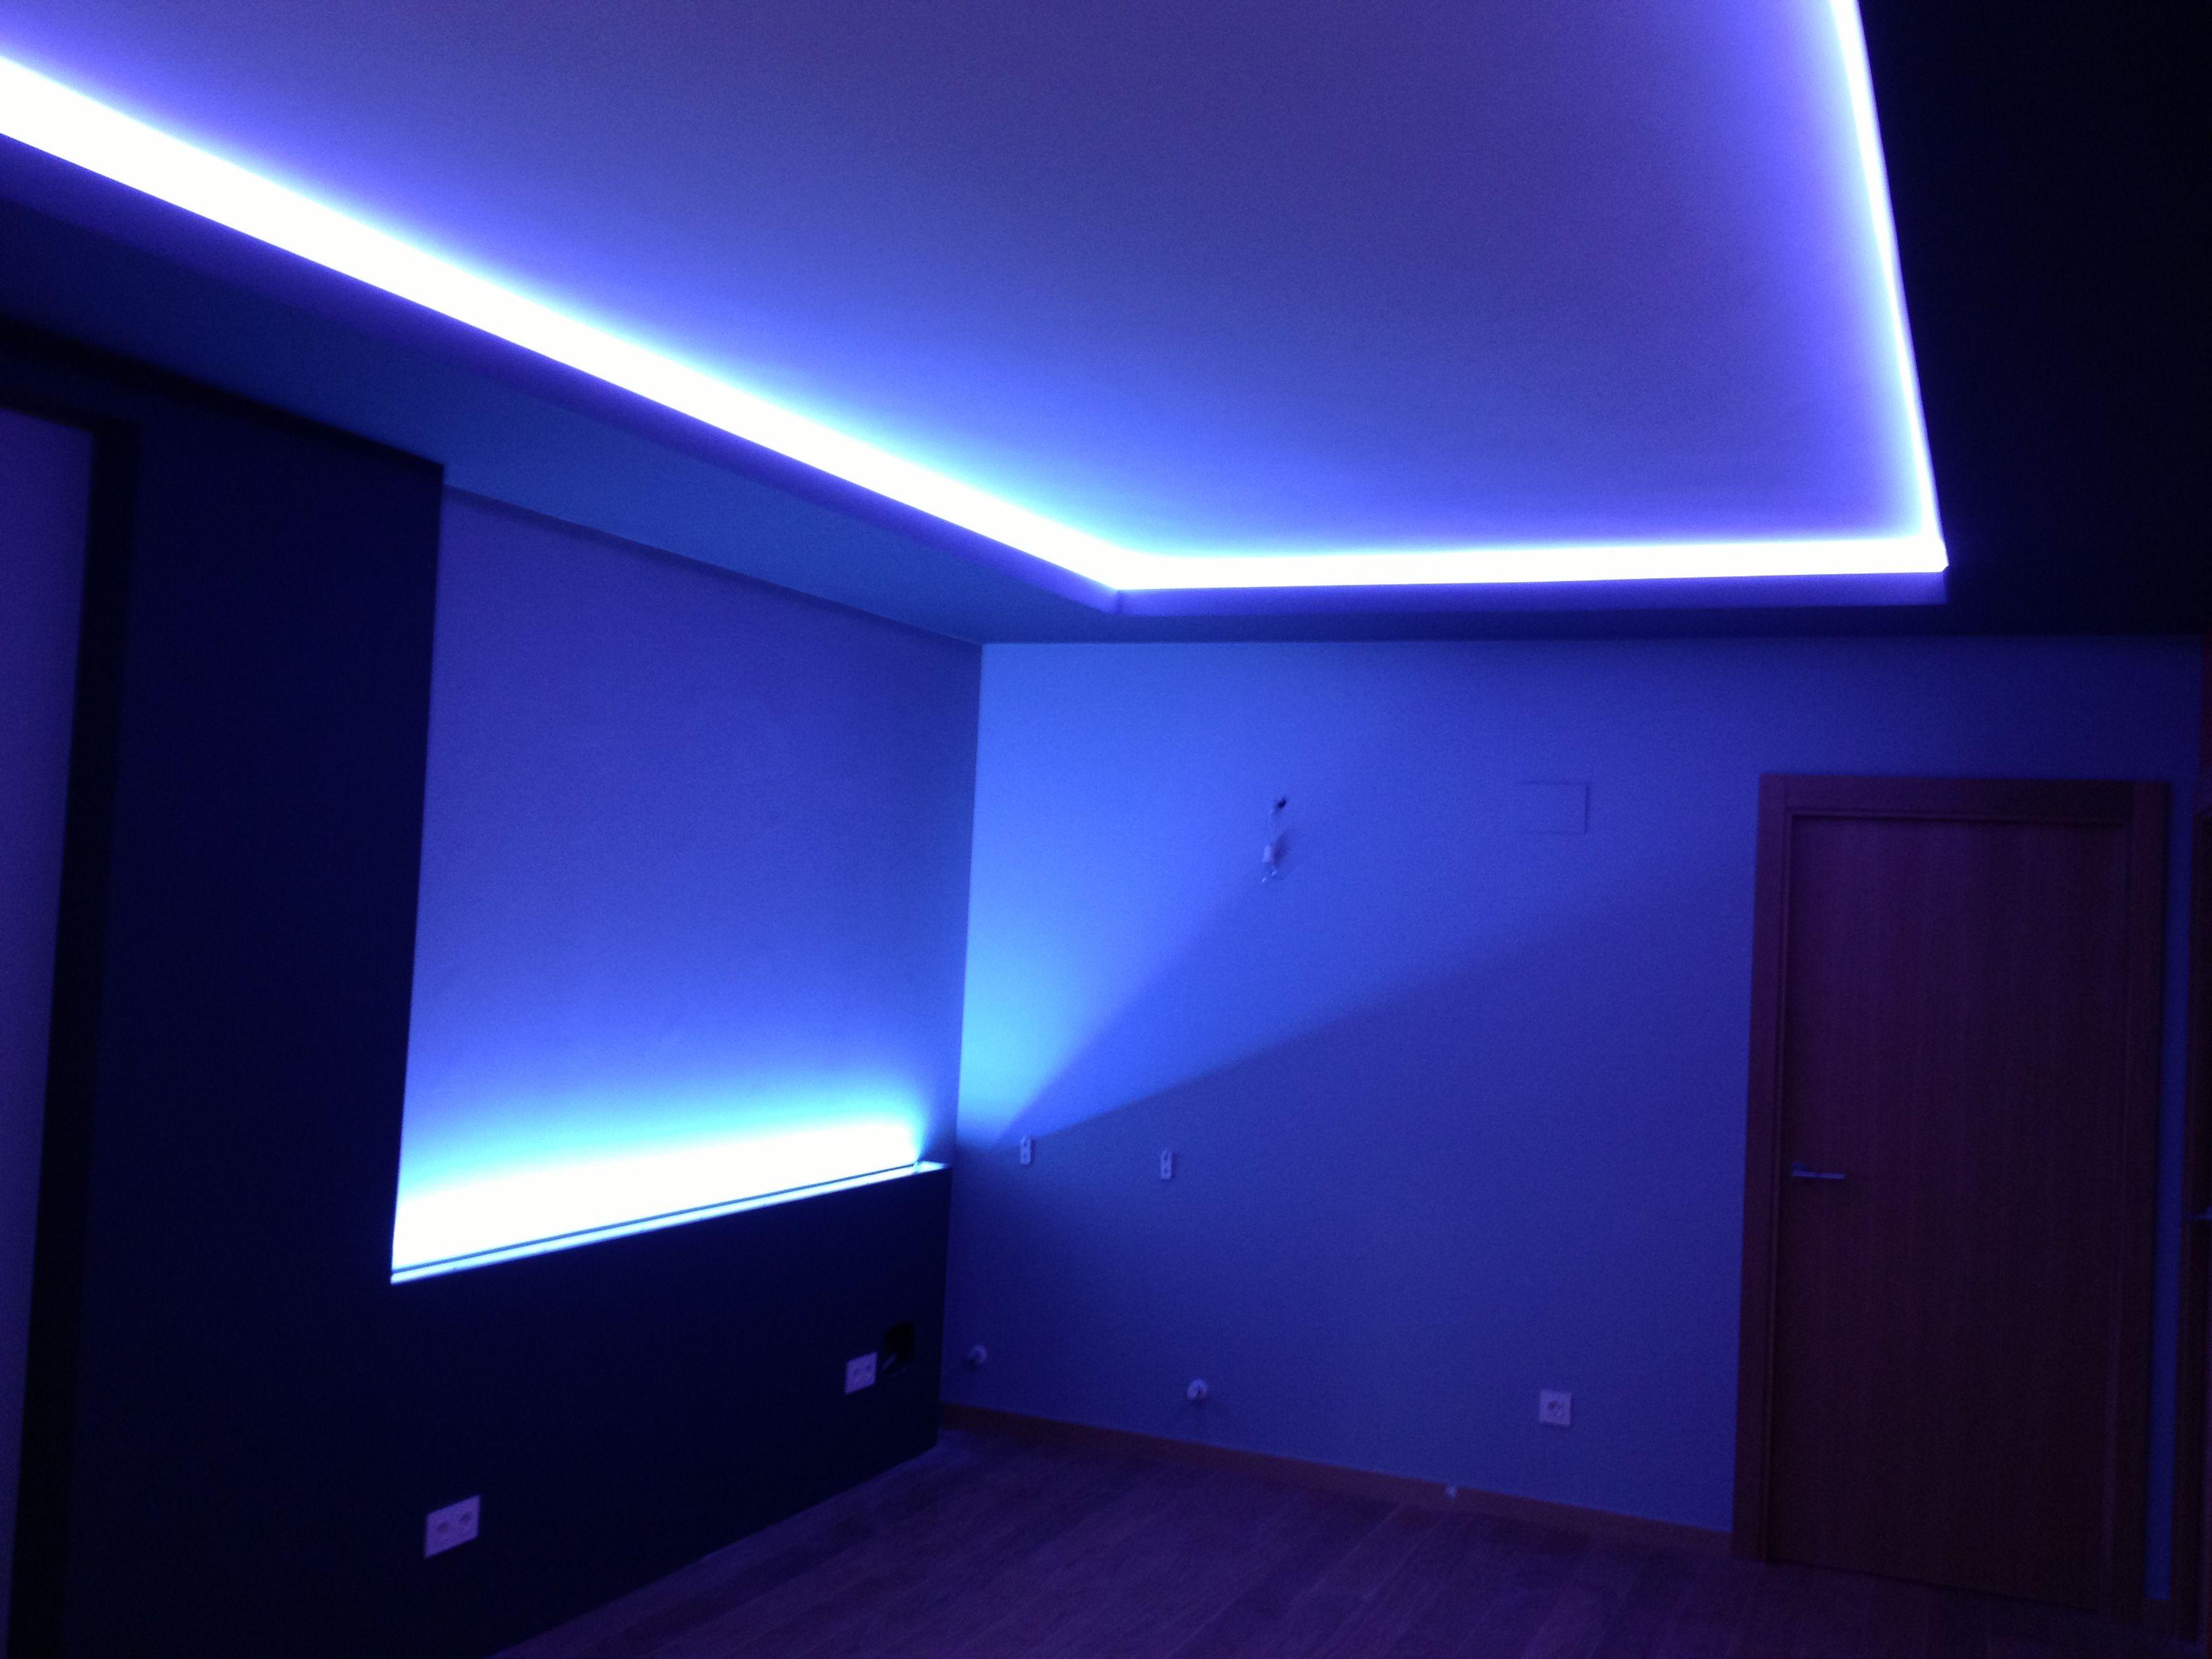 Iluminaci n tiras de led iluminacion led interiores - Iluminacion de interiores ...